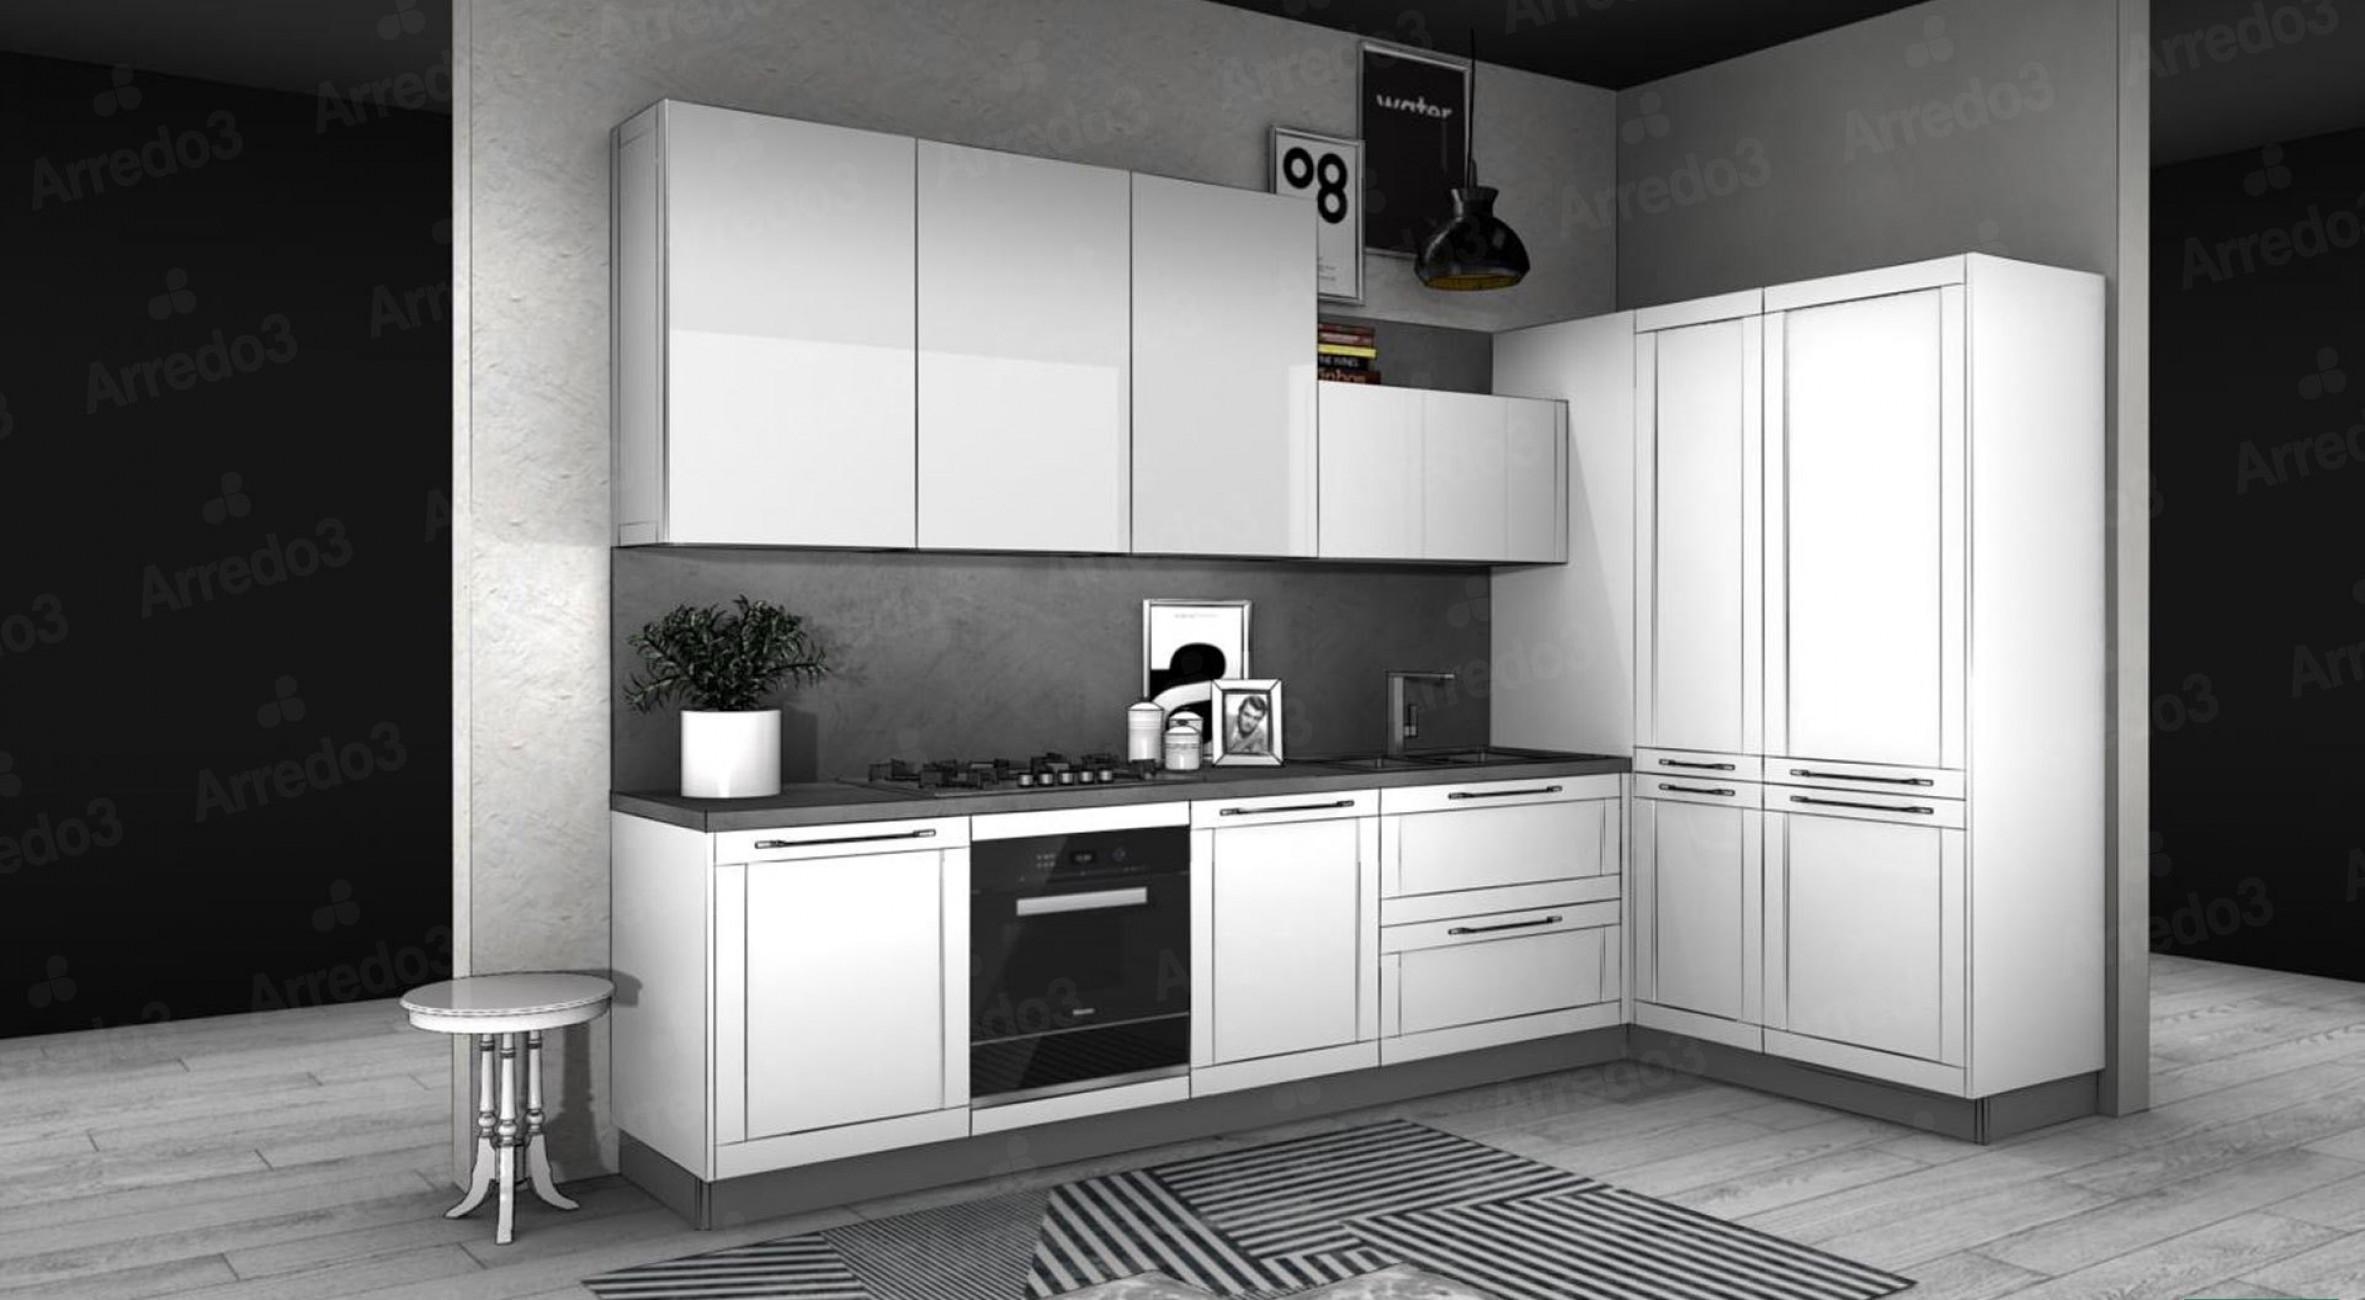 Итальянская Кухня FRAME AM07   Цена на Кухня FRAME AM07 ARREDO3